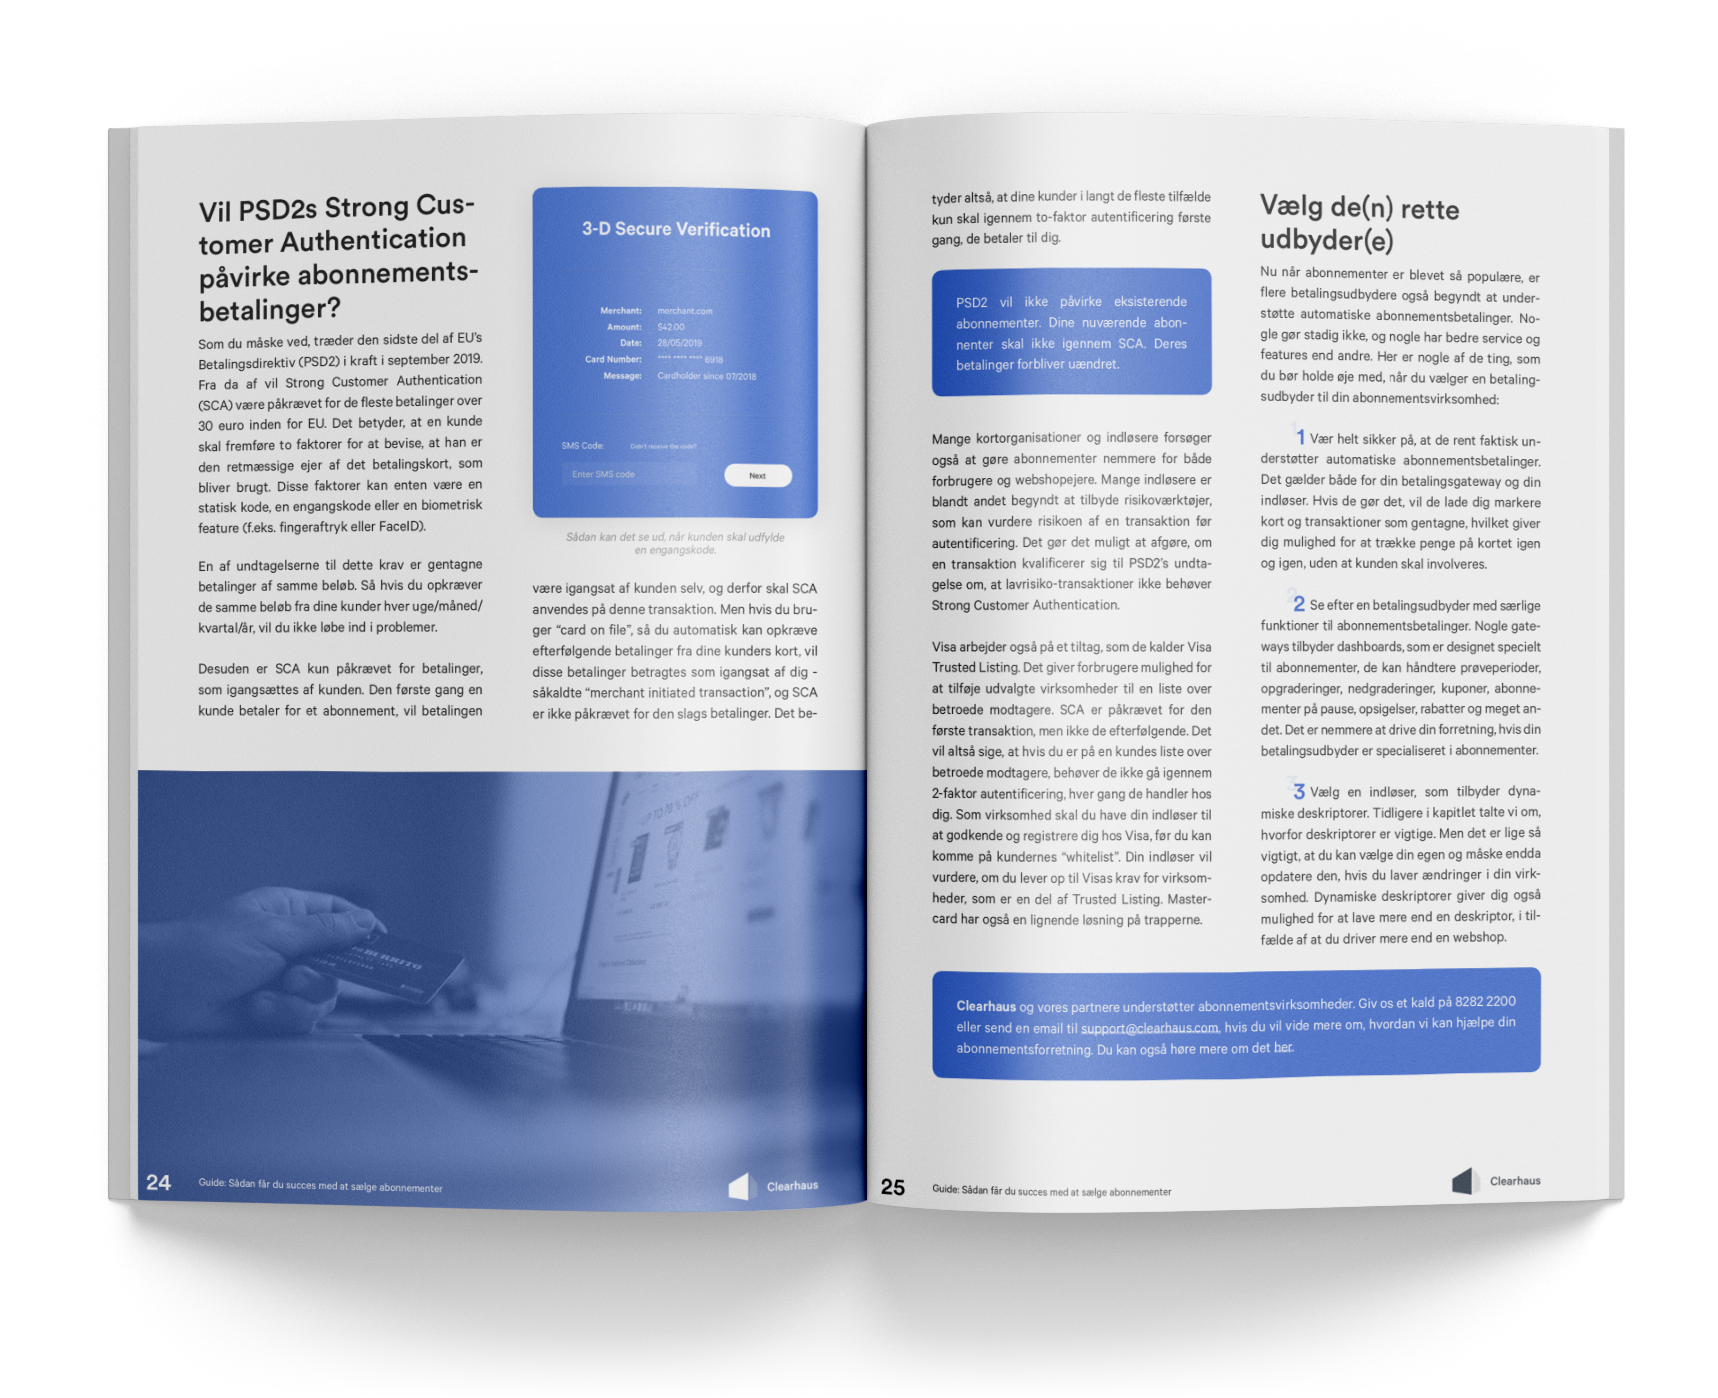 E-bog preview - pages 24 og 25